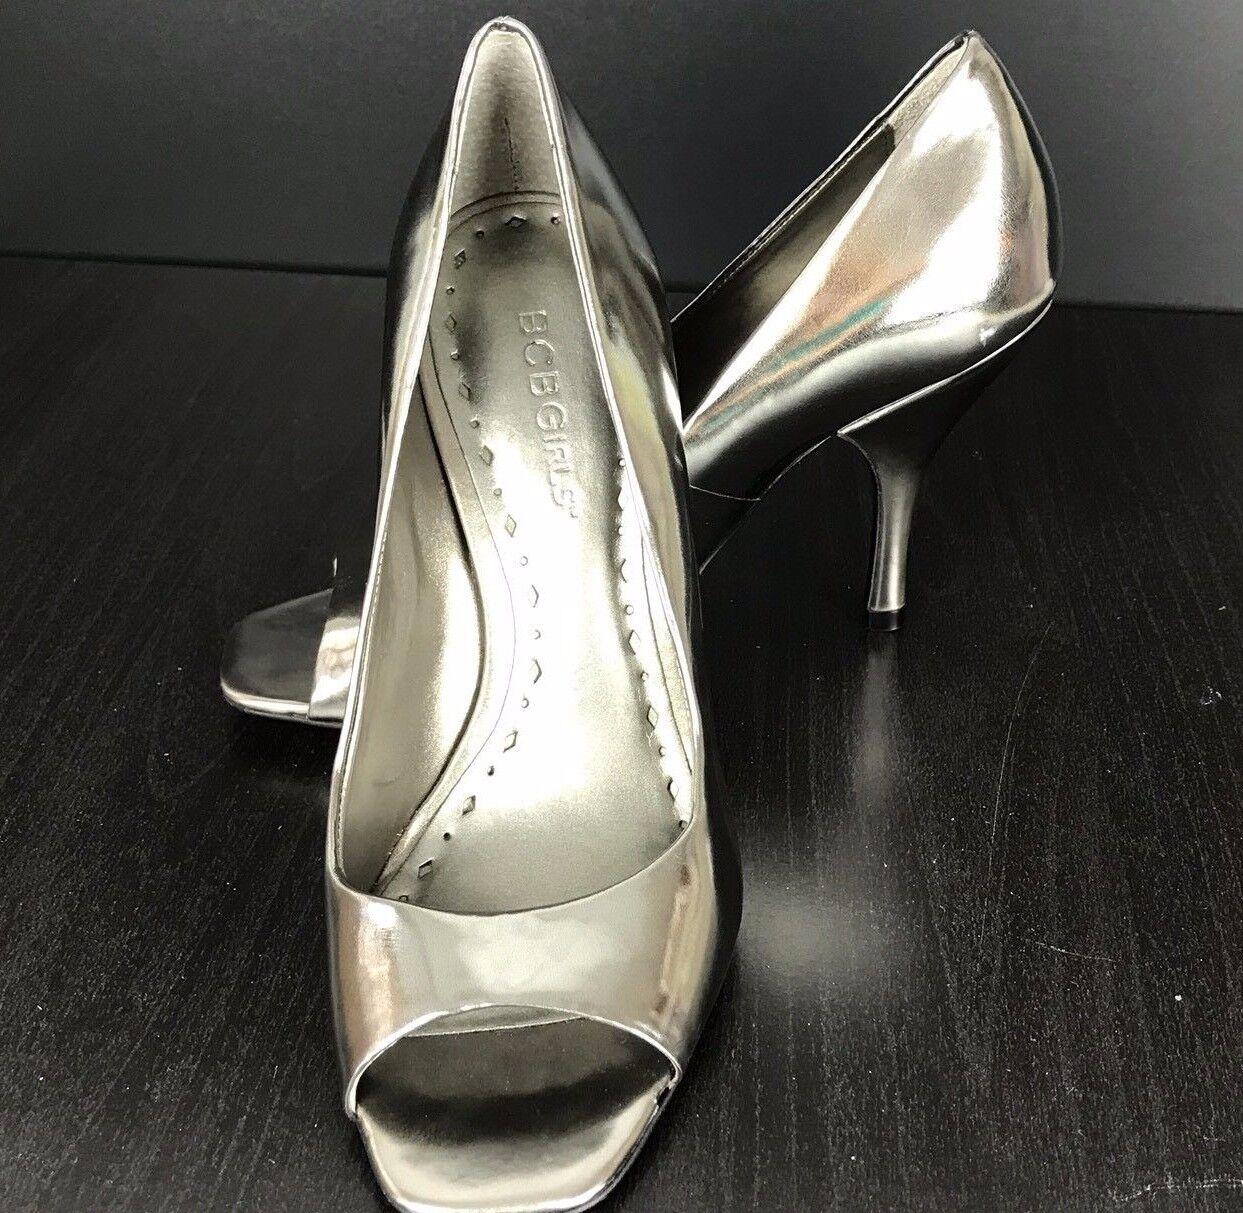 BCBGirls Ariel Silver Mirror Patent Metallic HeelsPeep Toes Size 6B Pump